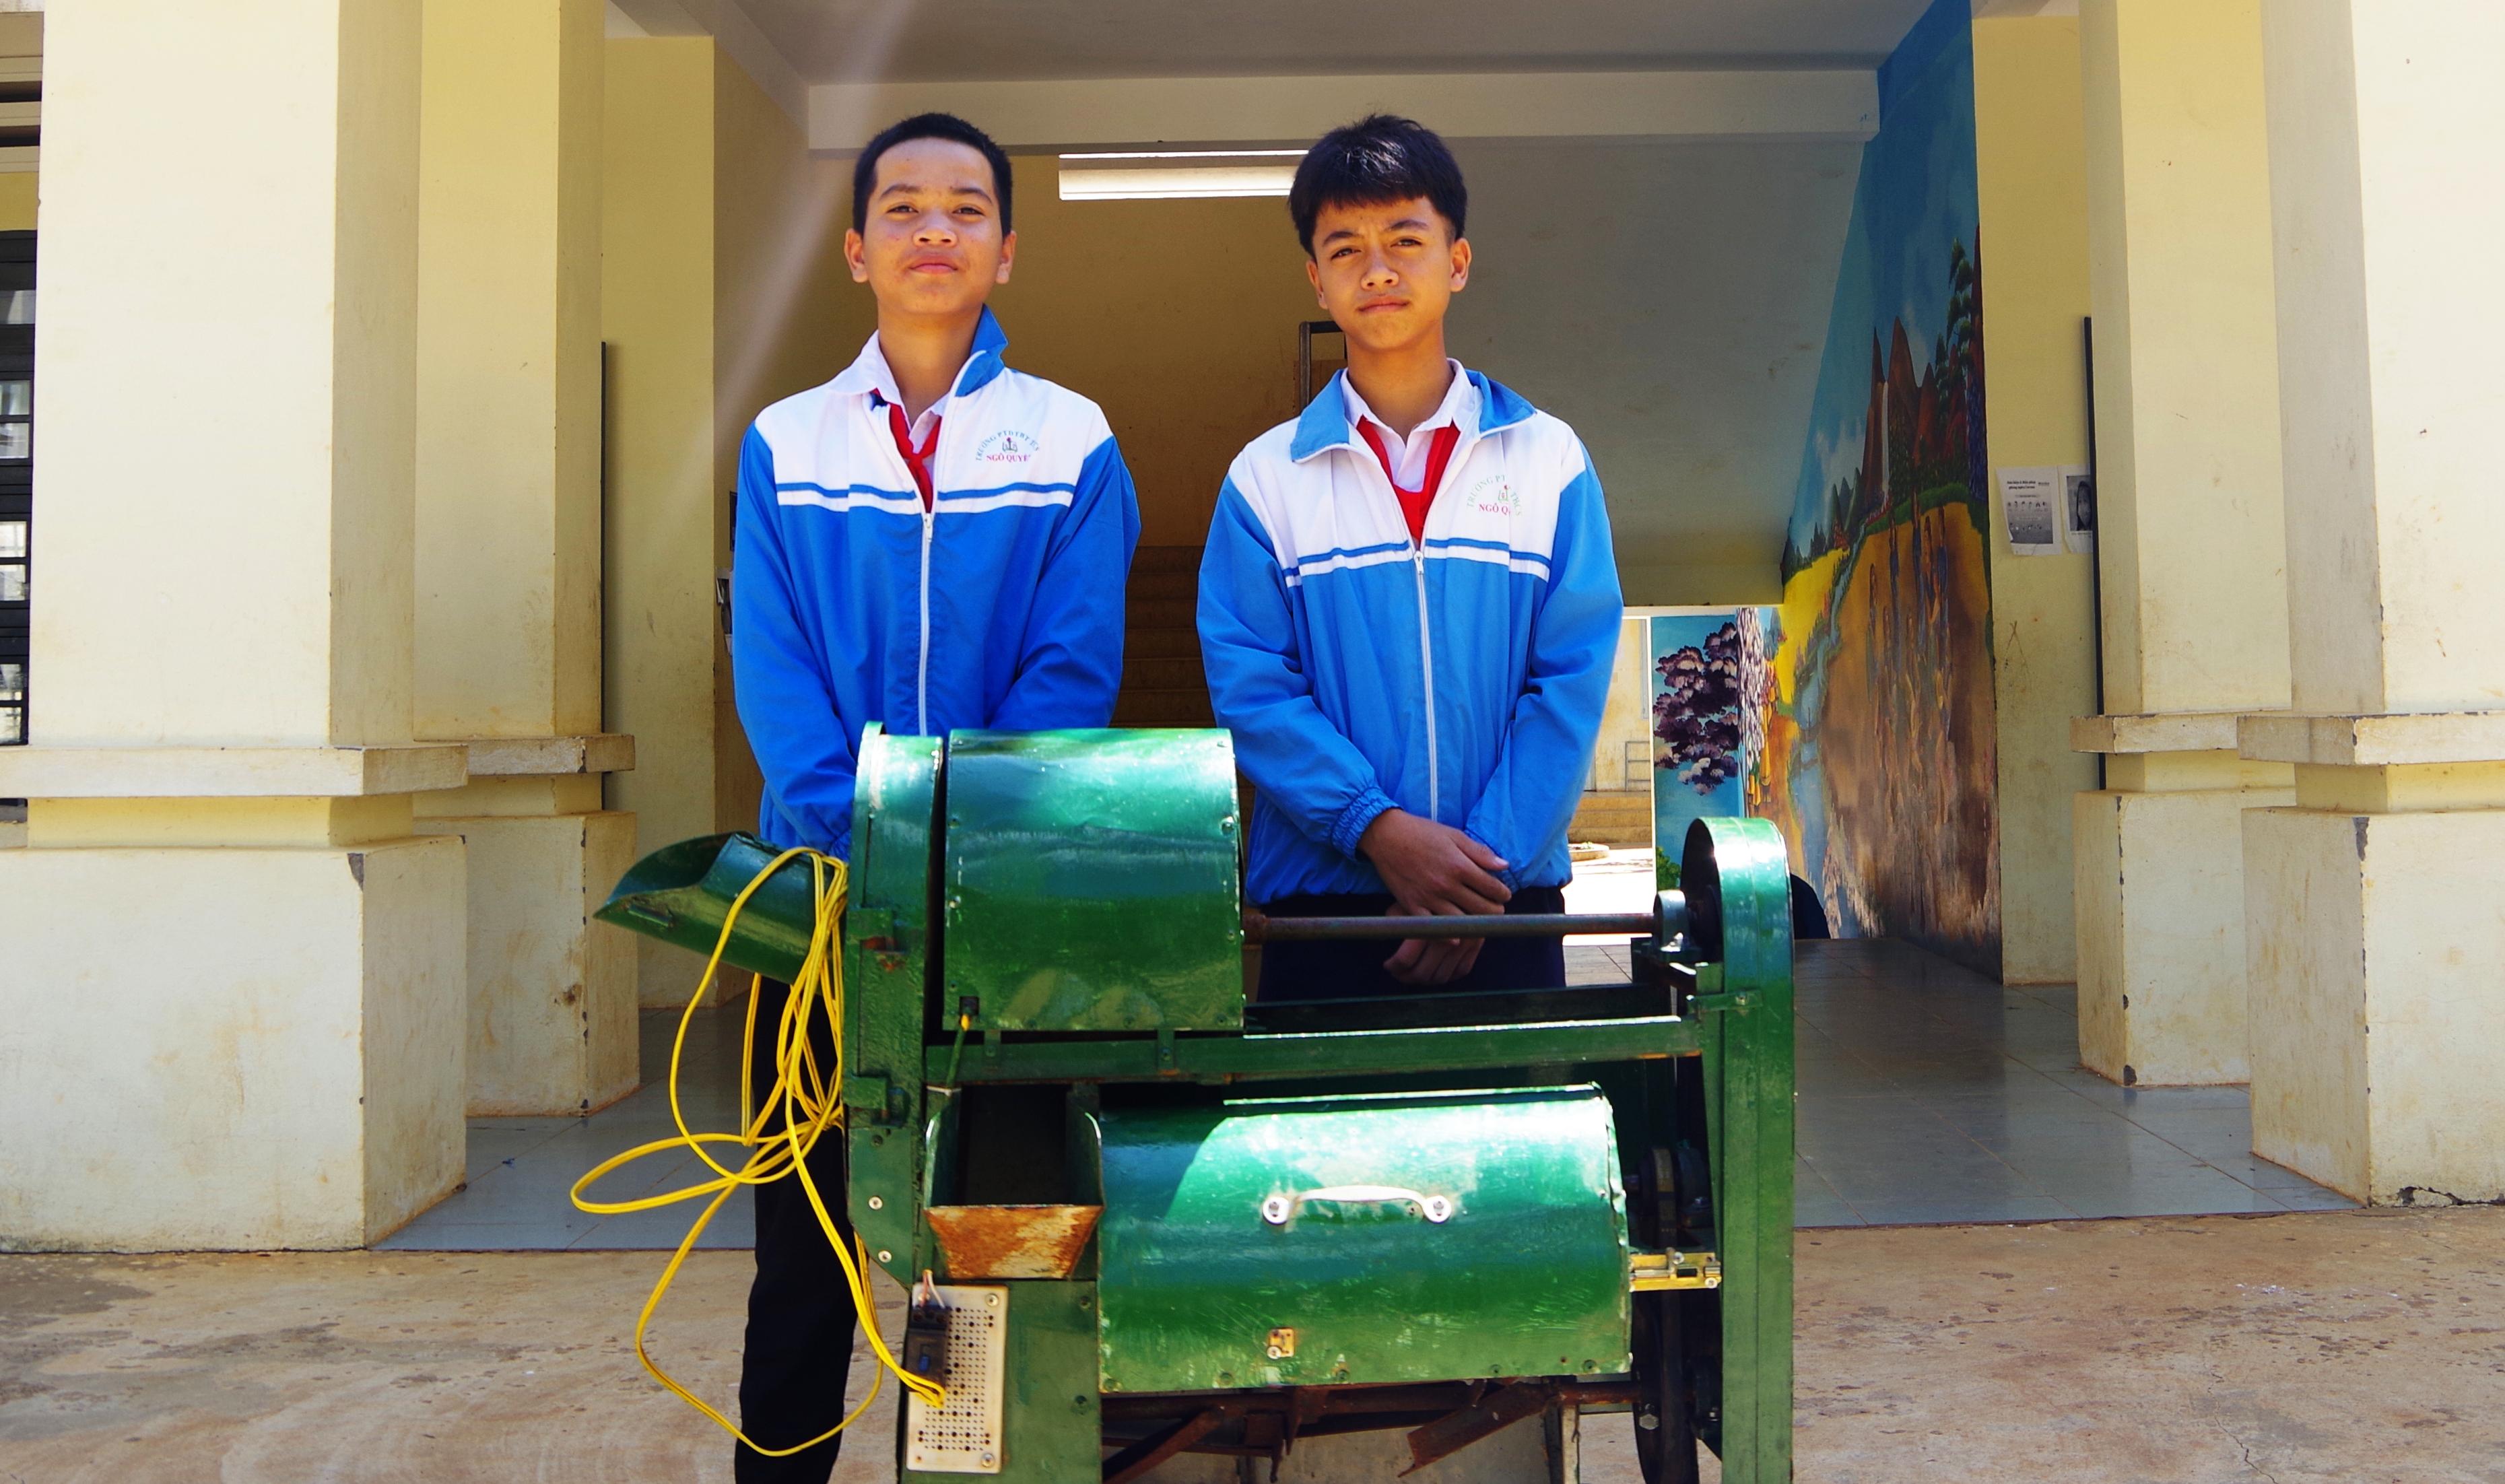 A Minh Khiêm (trái) và A Trường (phải) và chiếc máy cắt và trộn thức ăn trong chăn nuôi.